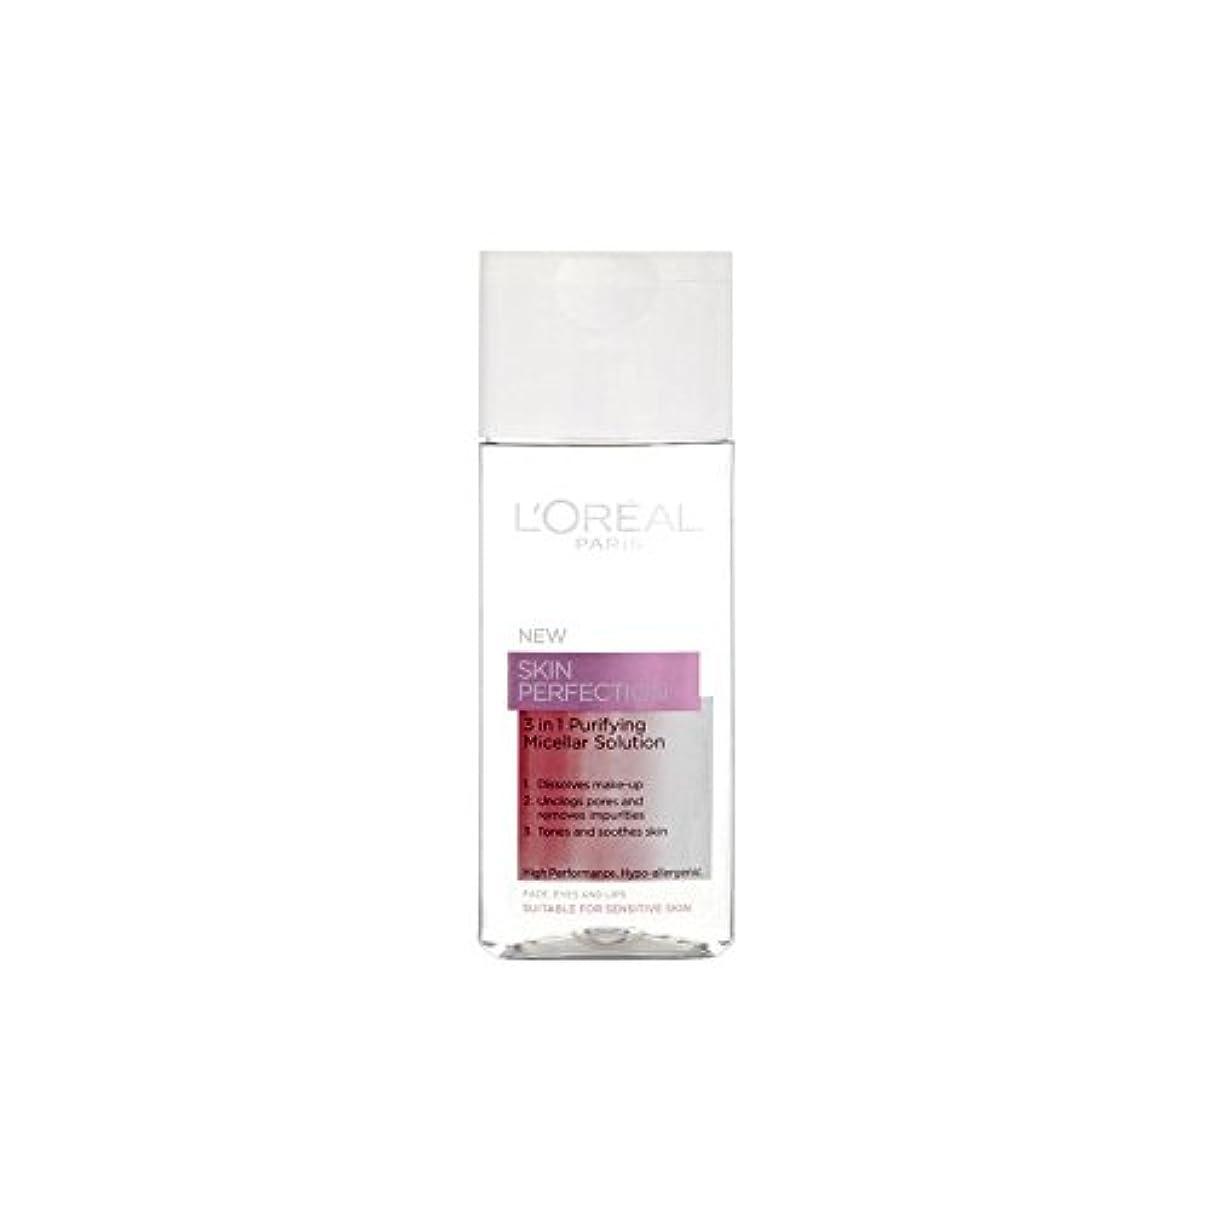 誇りリビングルームインポート1つの精製ミセル溶液中ロレアルパリ?ダーモ専門知識の皮膚完璧3(200ミリリットル) x4 - L'Oreal Paris Dermo Expertise Skin Perfection 3 In 1 Purifying...